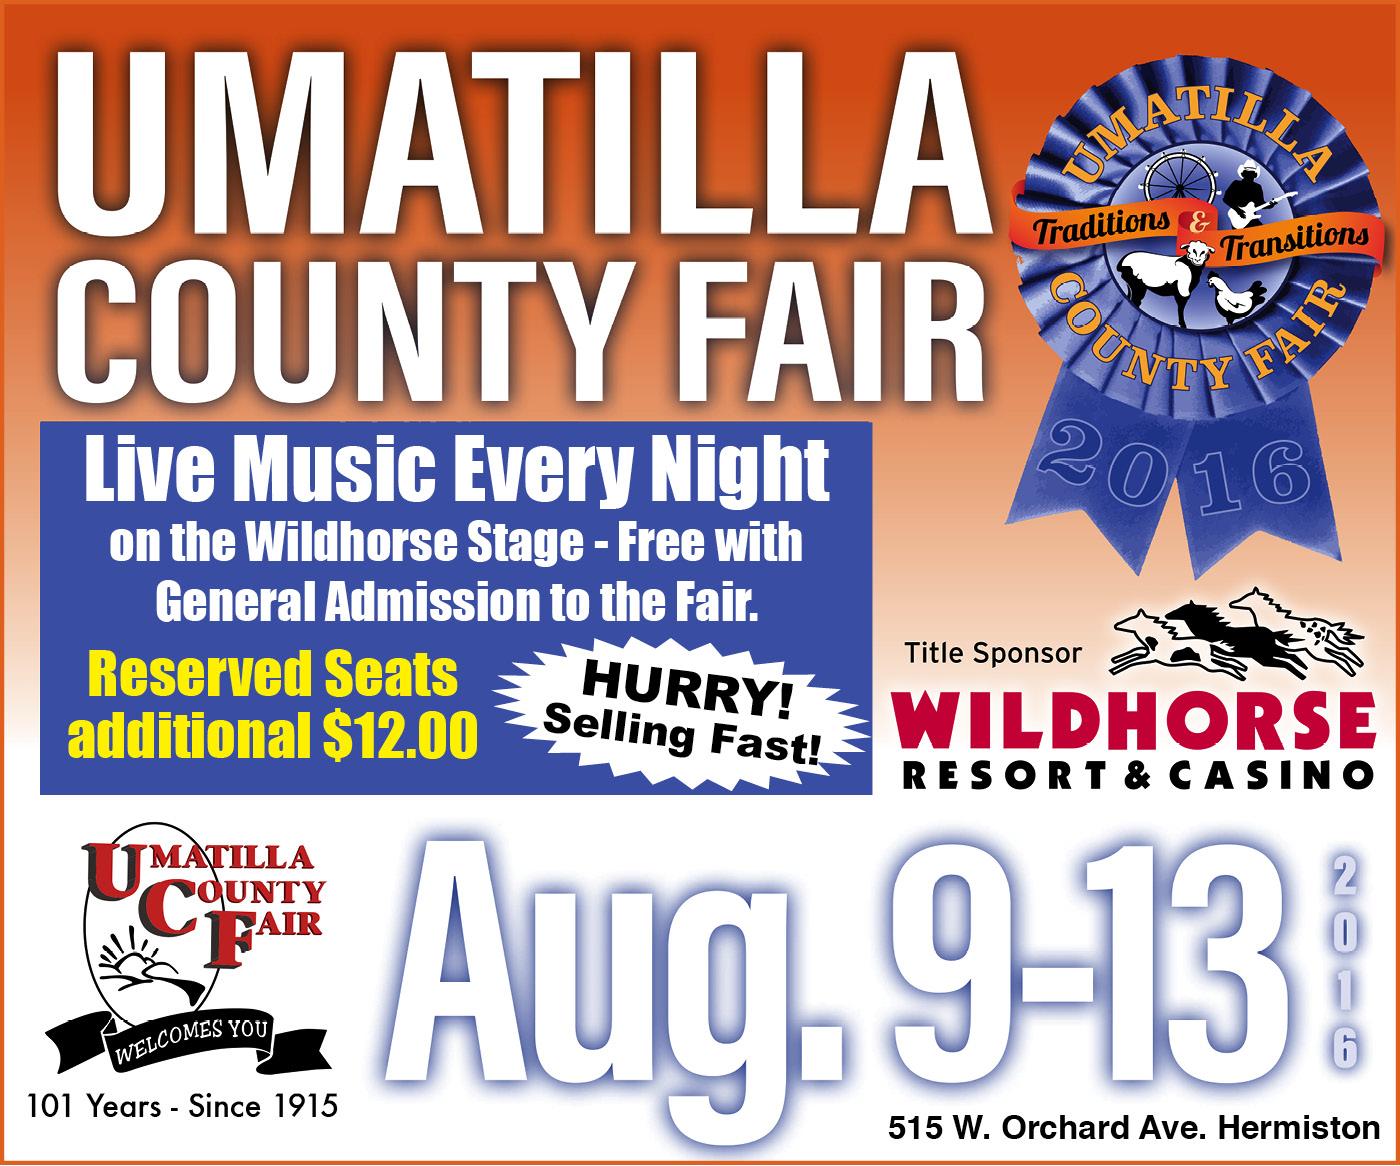 Umatilla County Fair ad 1(101)